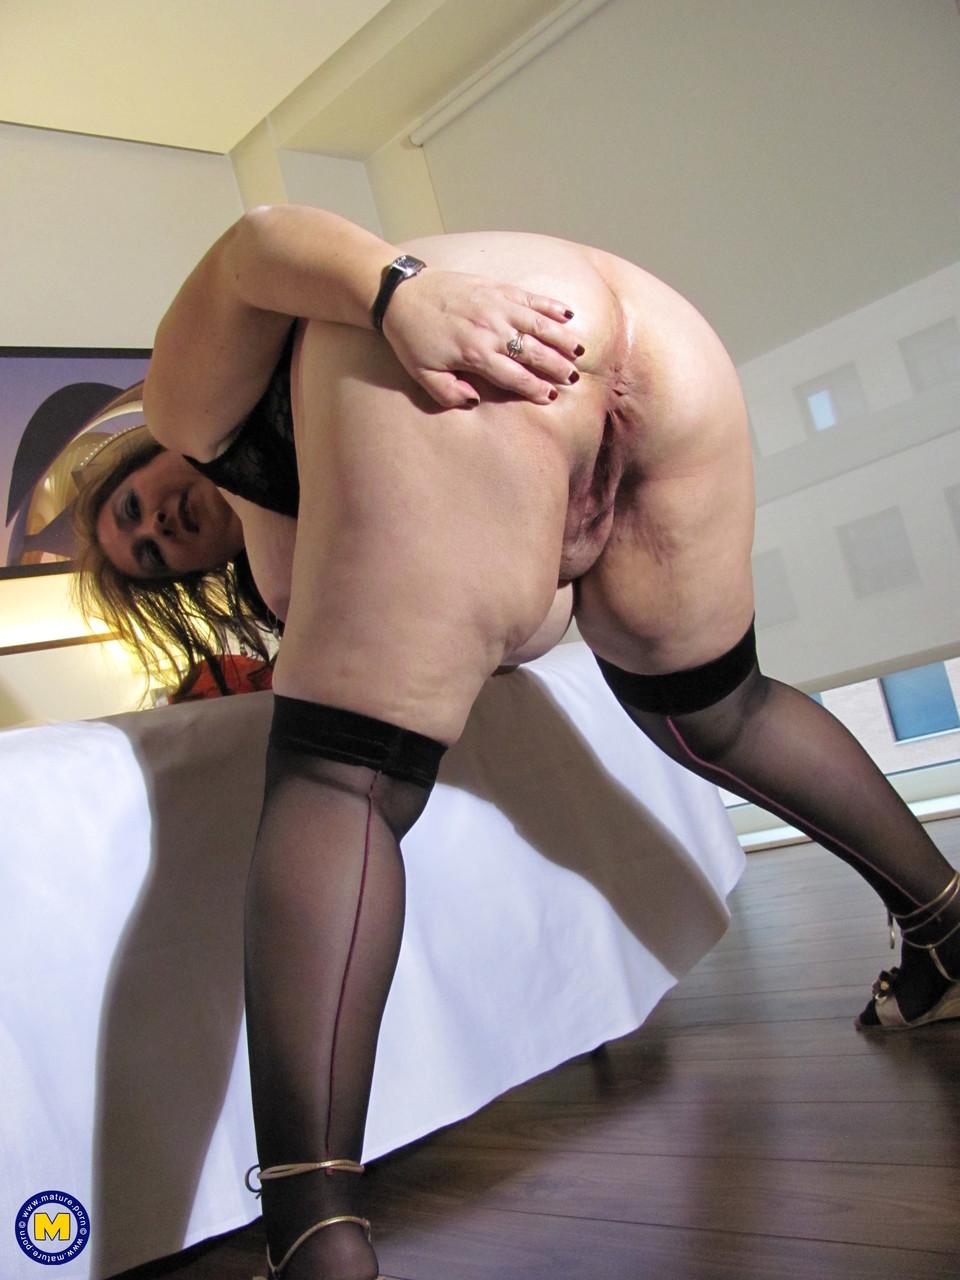 Толстая женщина занимается дрочкой. Фото - 20